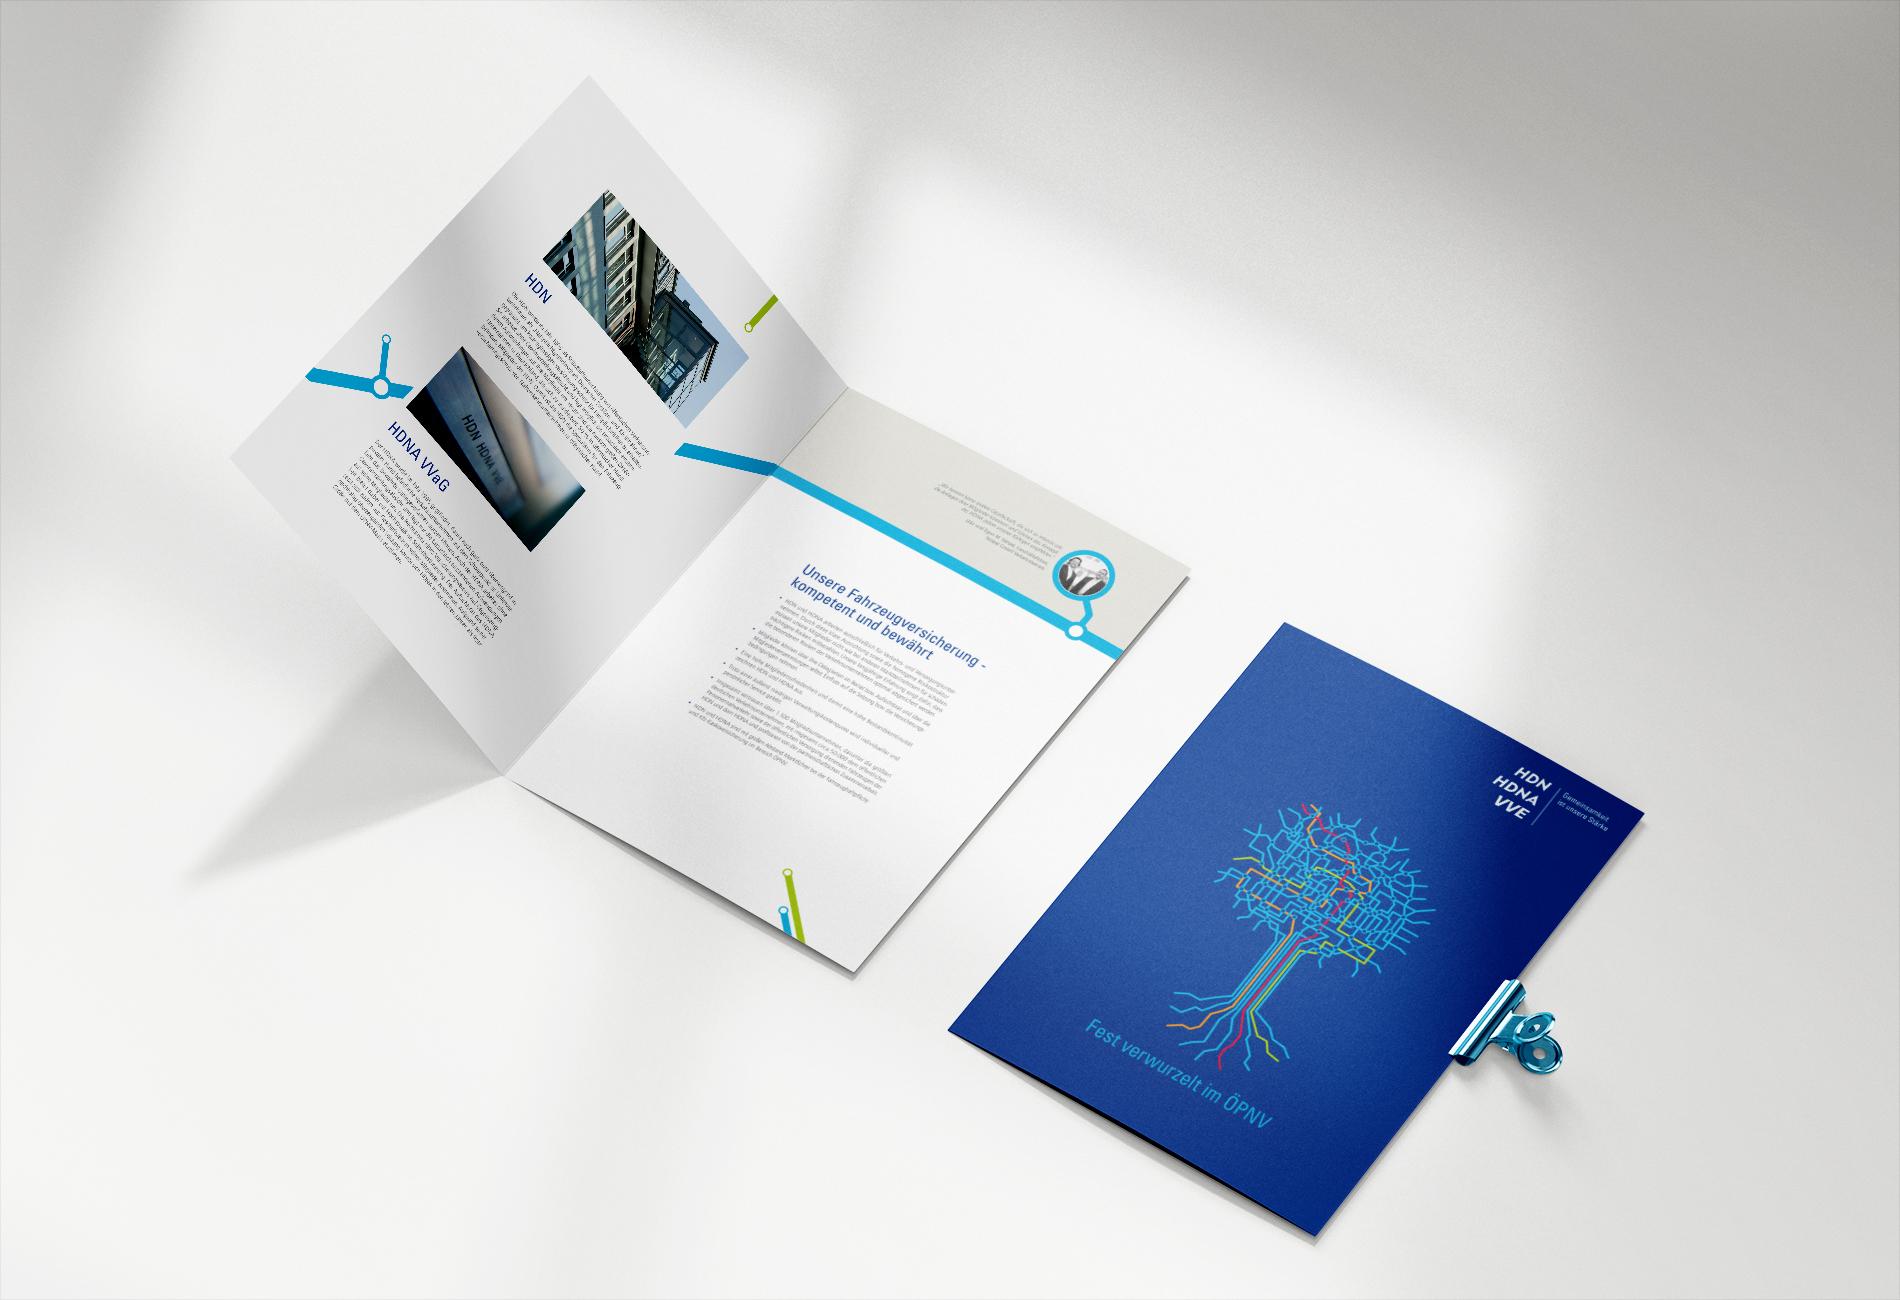 HDN/HDNA/VVE Versicherungen Bochum Magazin Titelseite und Innenseiten